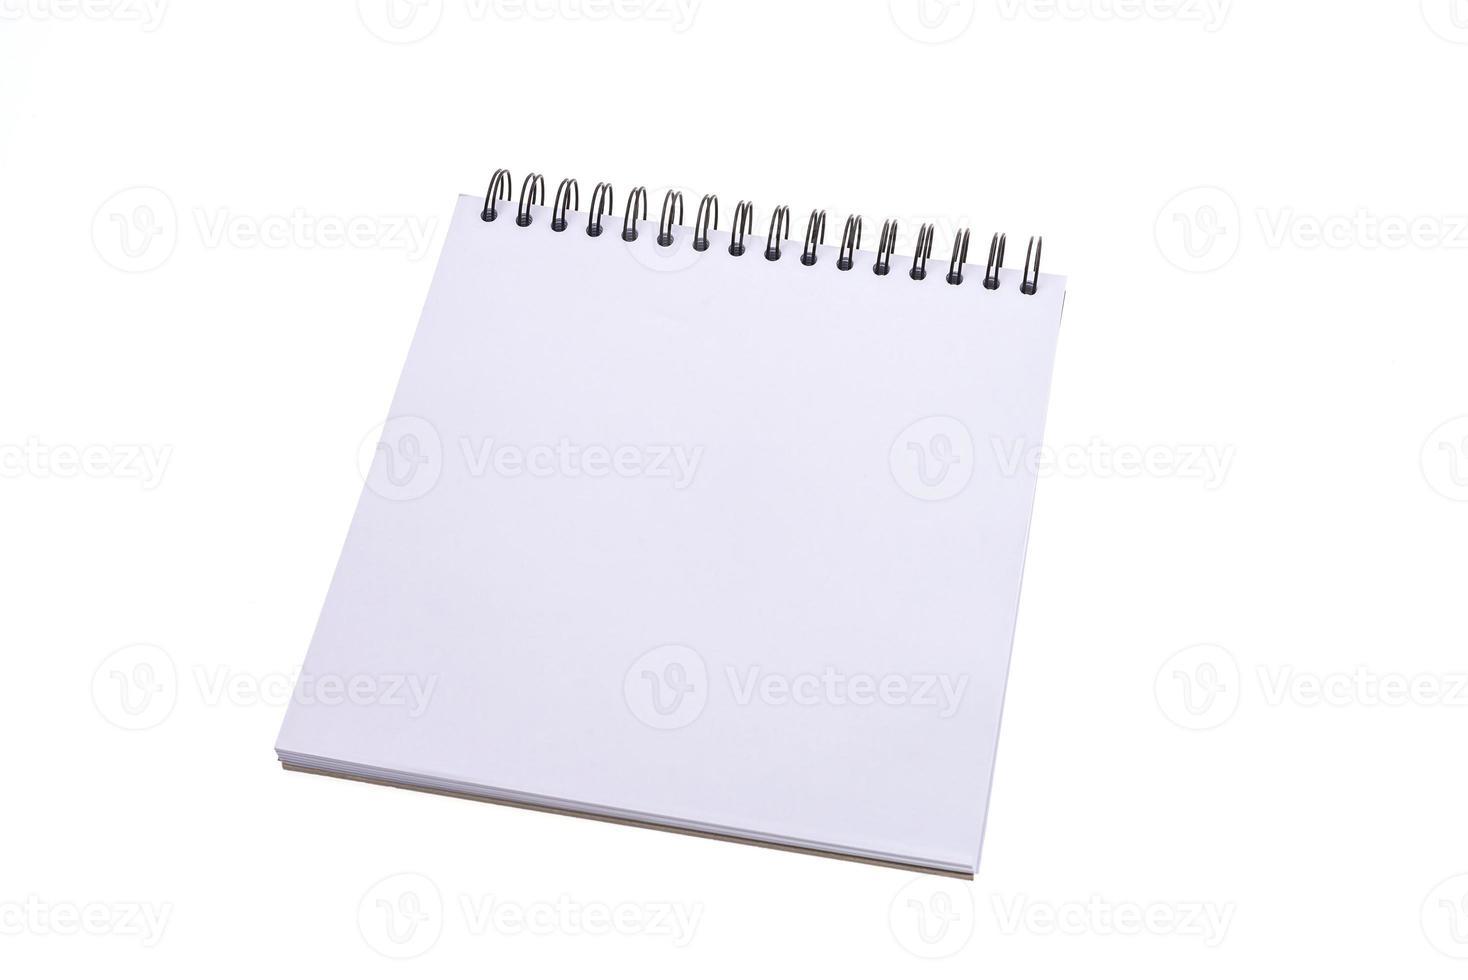 cuaderno en blanco vacío foto